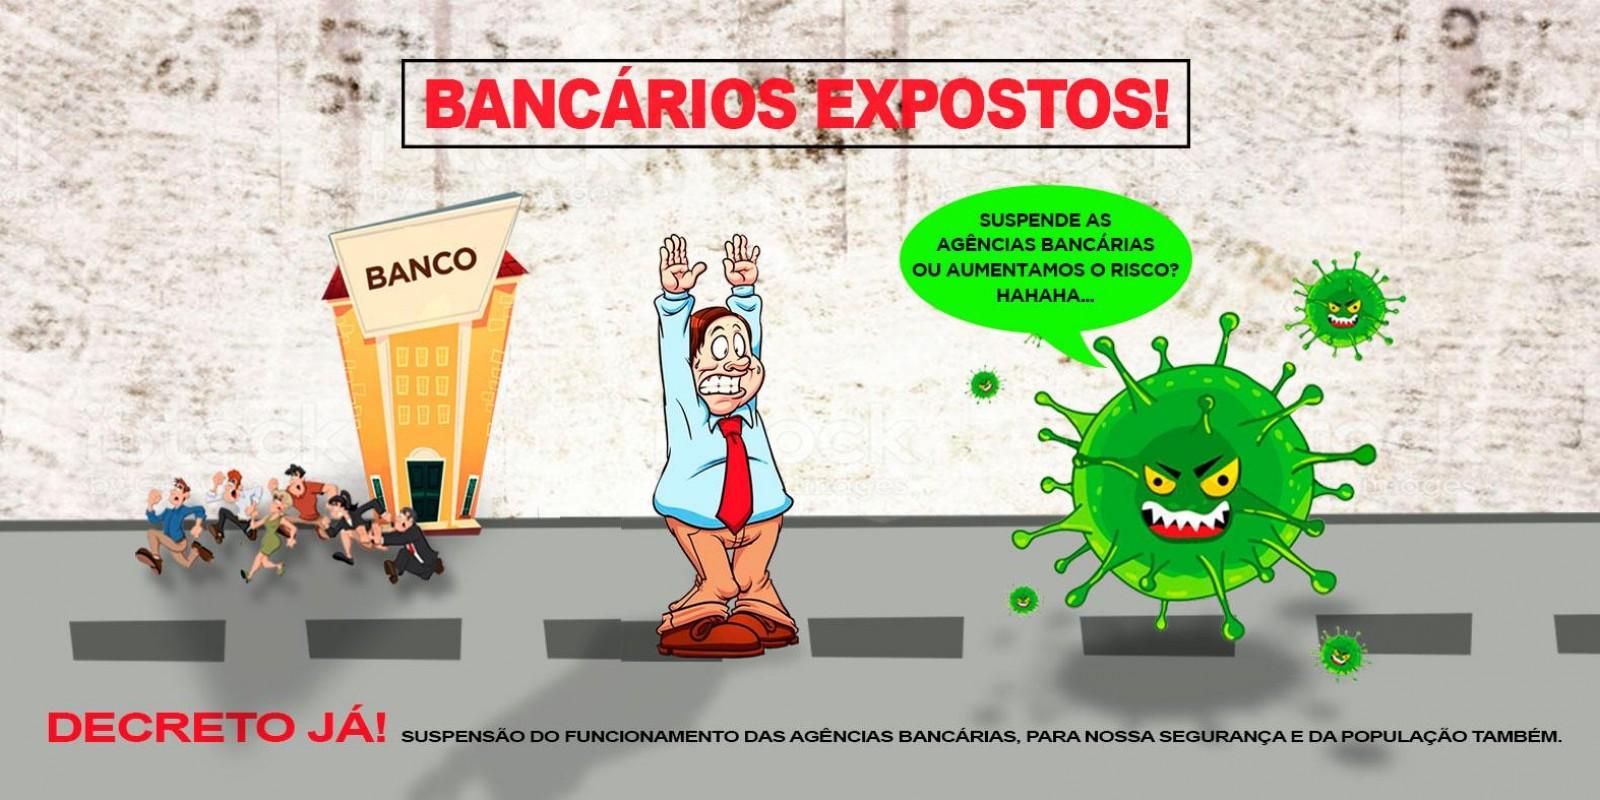 Campanha dos Bancários pela aprovação decreto que suspenda temporariamente atividades dos bancos